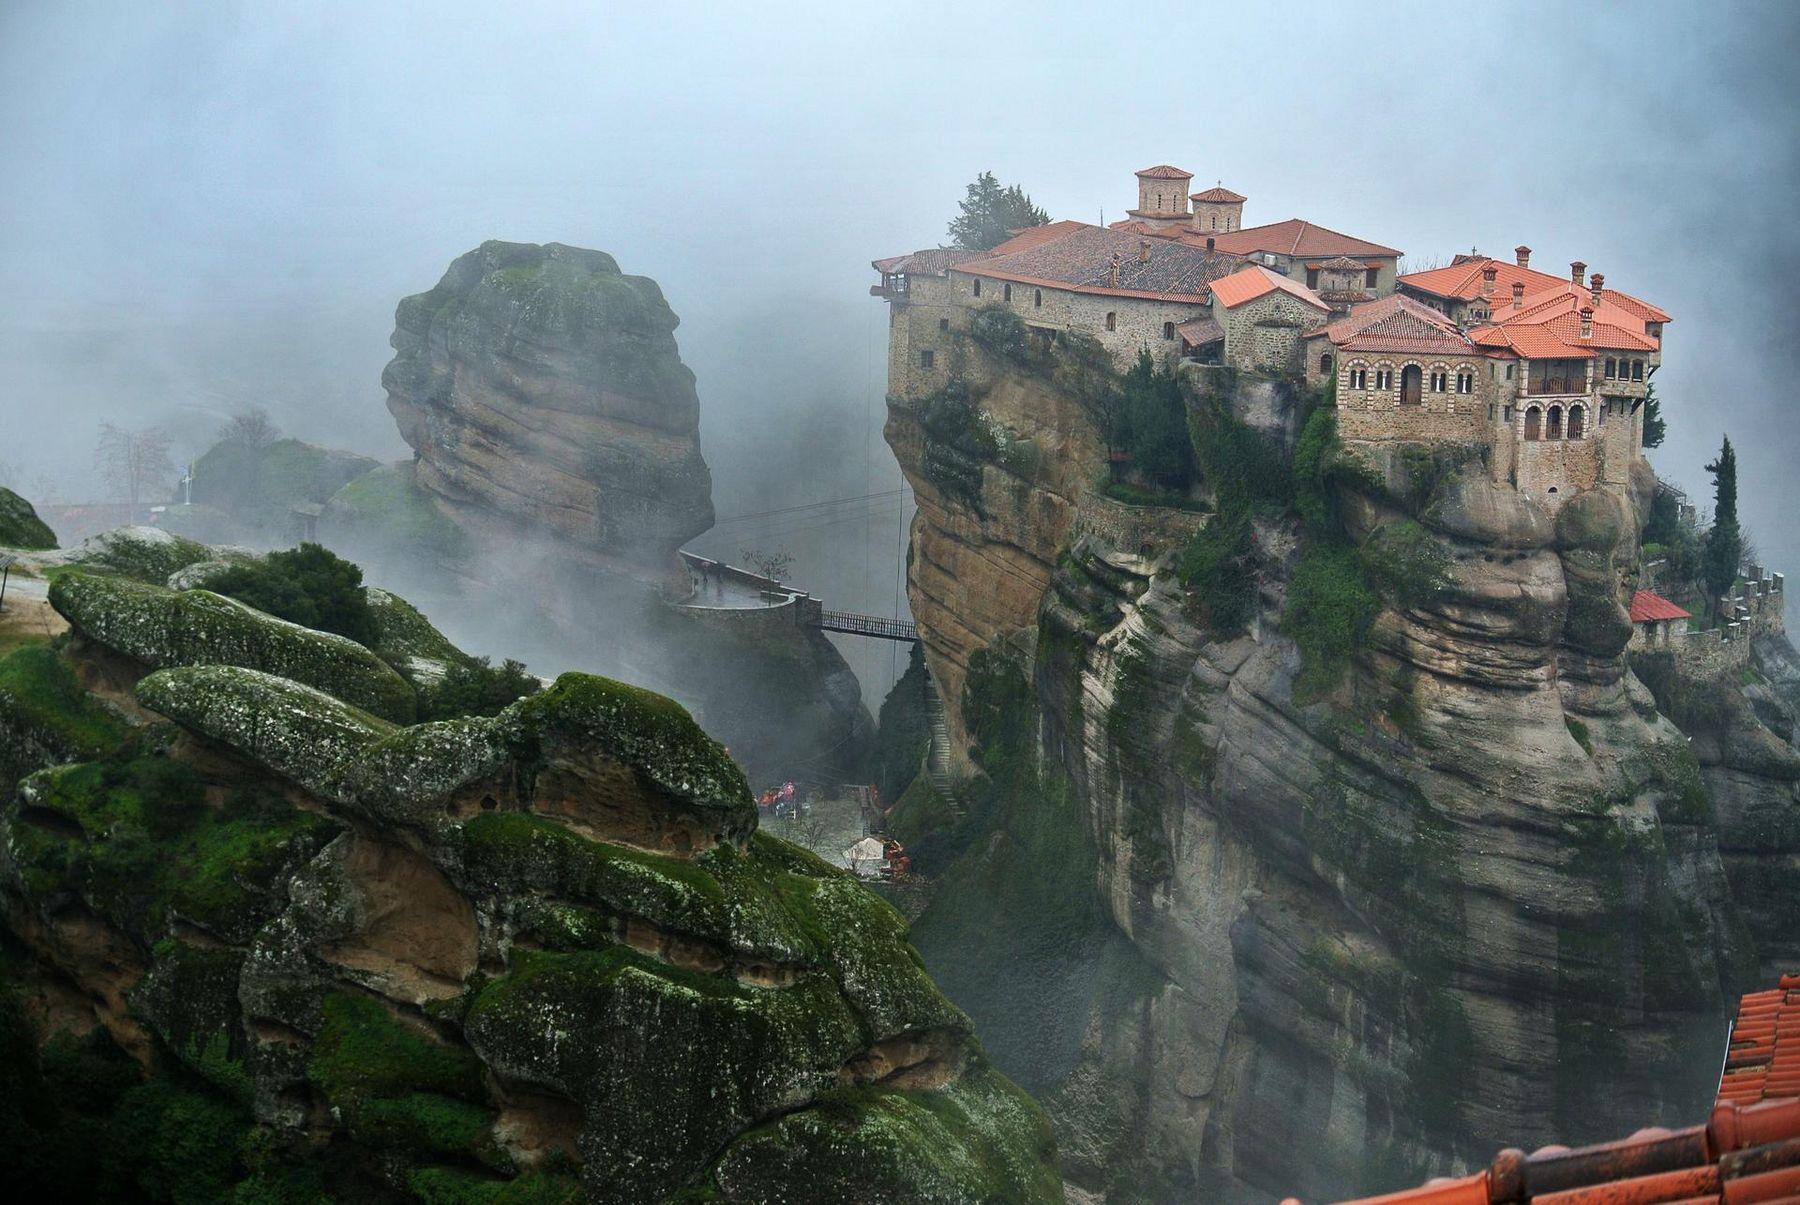 Meteora Kloster iStock 589435340